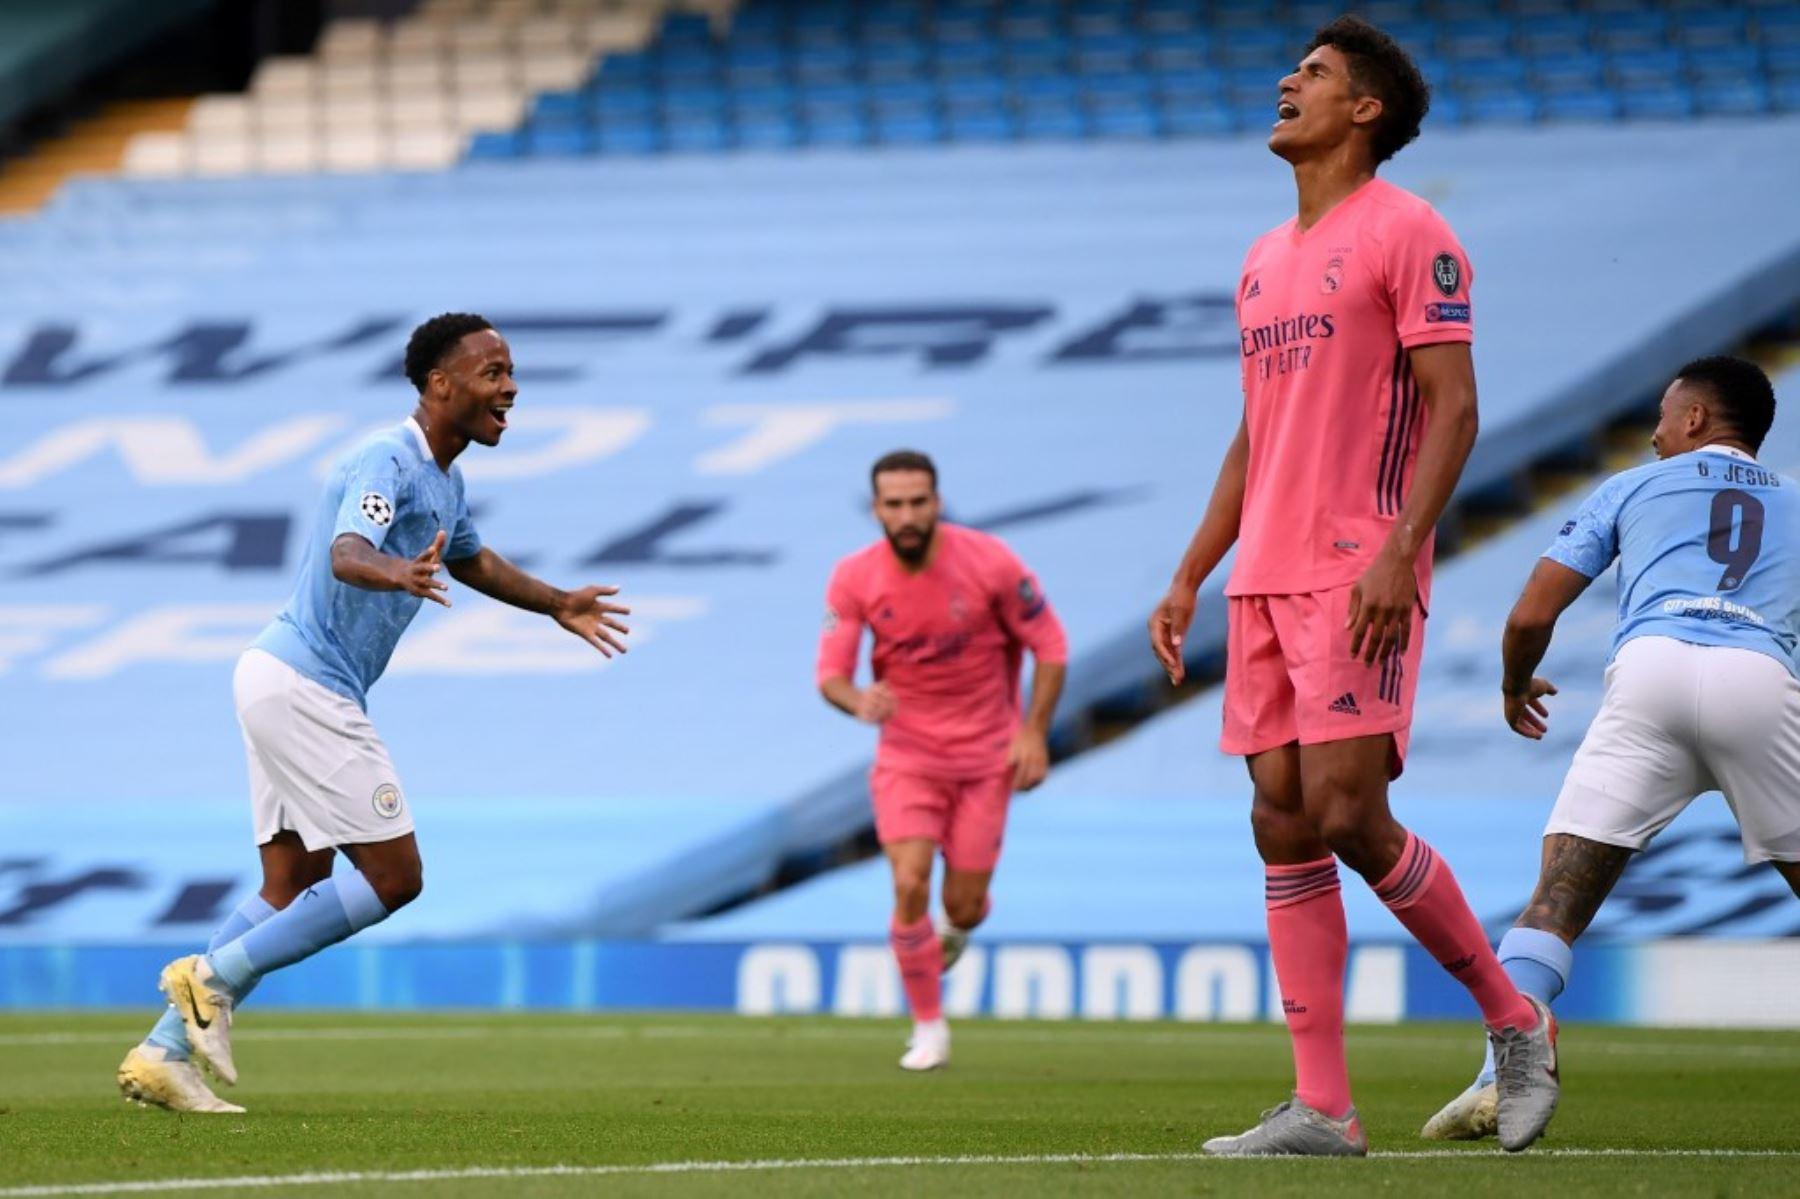 El centrocampista inglés del Manchester City Raheem Sterling  celebra el gol de apertura durante la ronda de la Liga de Campeones de la UEFA .Foto:AFP